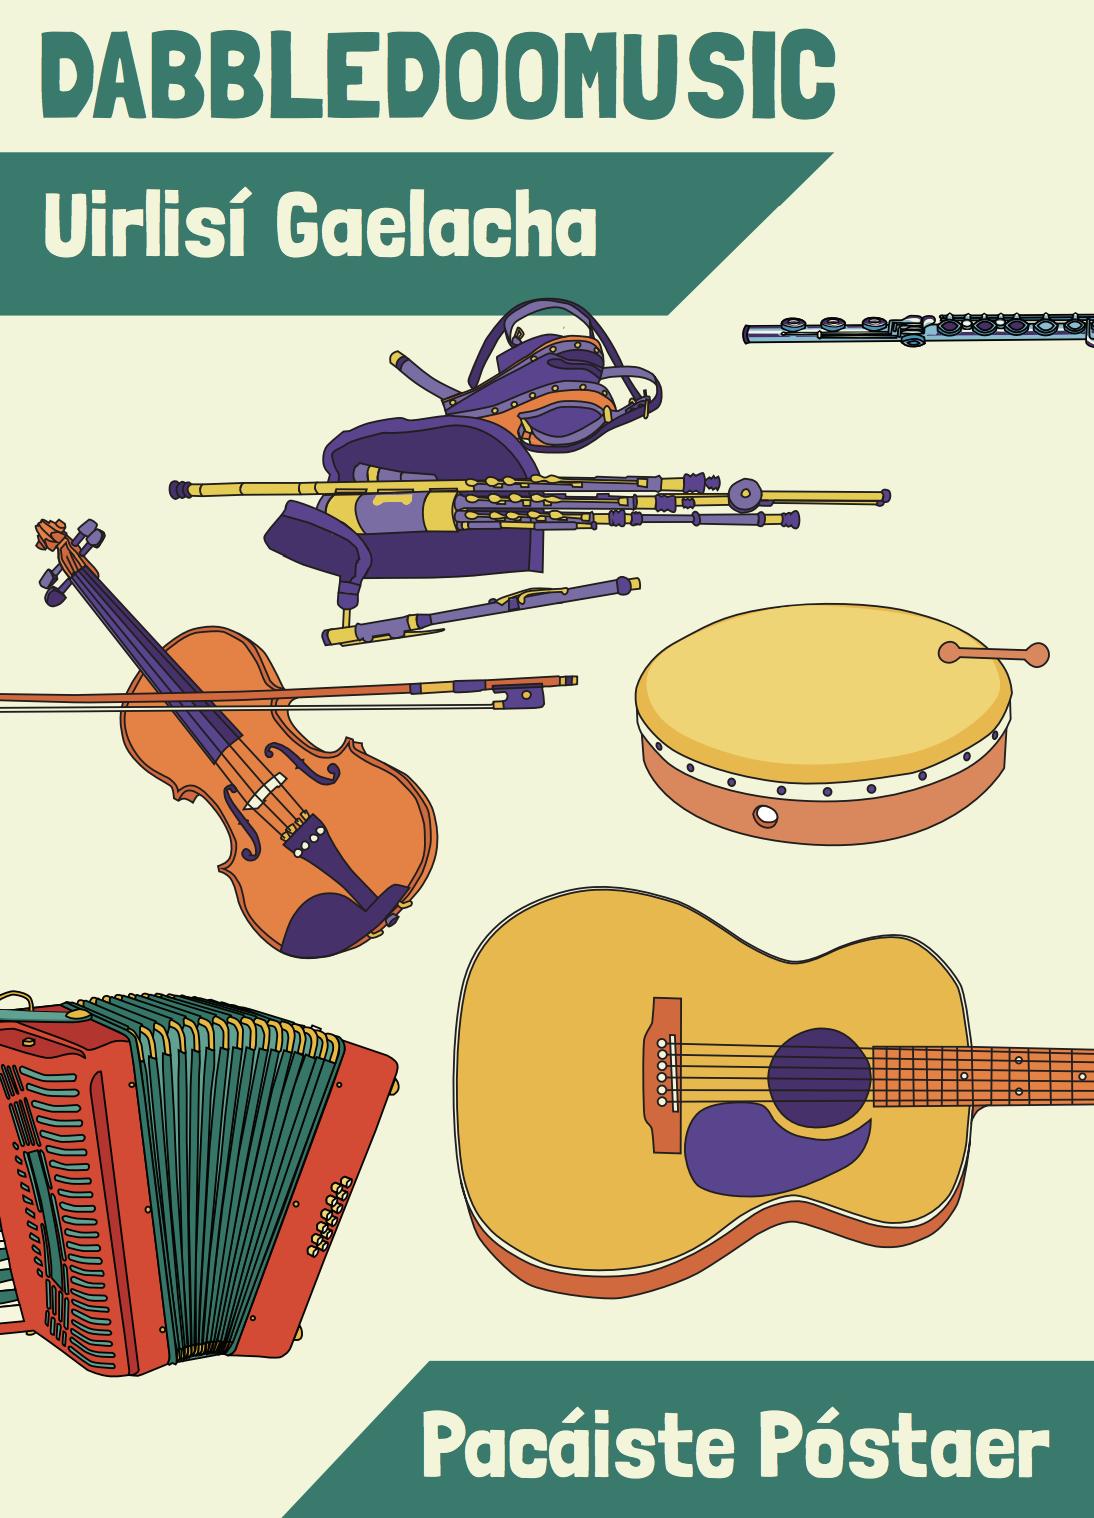 DabbledooMusic Seachtain Na Gaelige Poster Pack